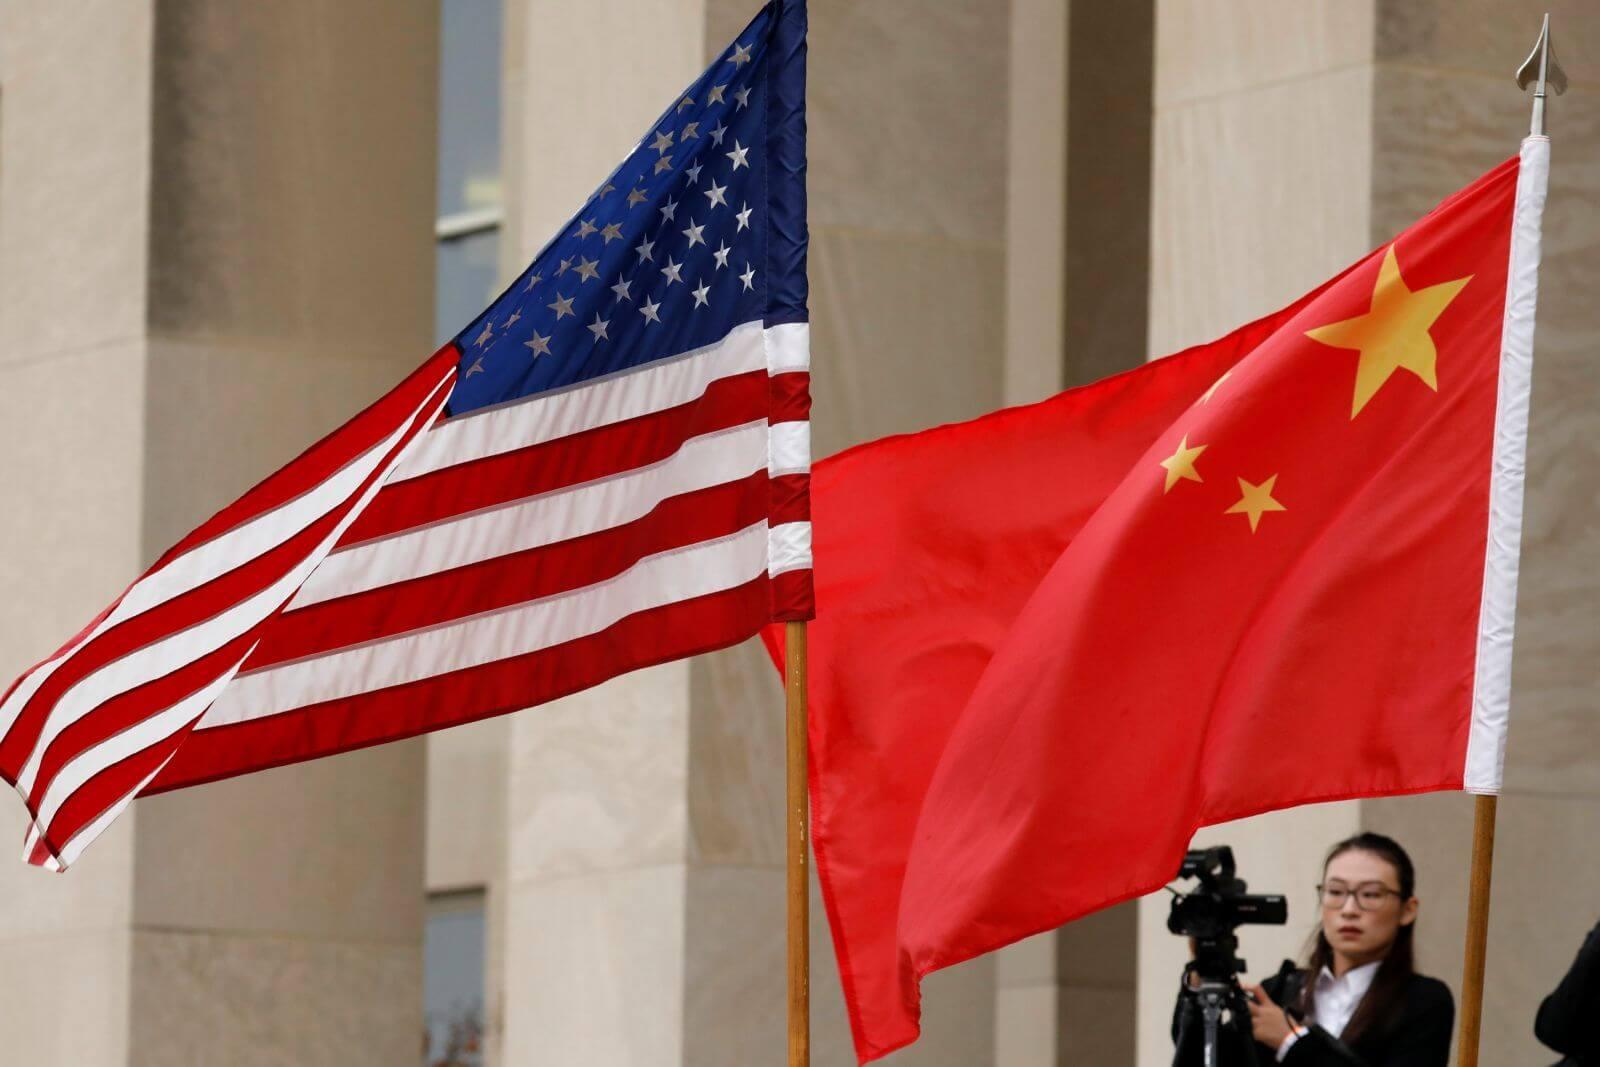 Bandeiras dos EUA e China - Foto de Yuri Gripas